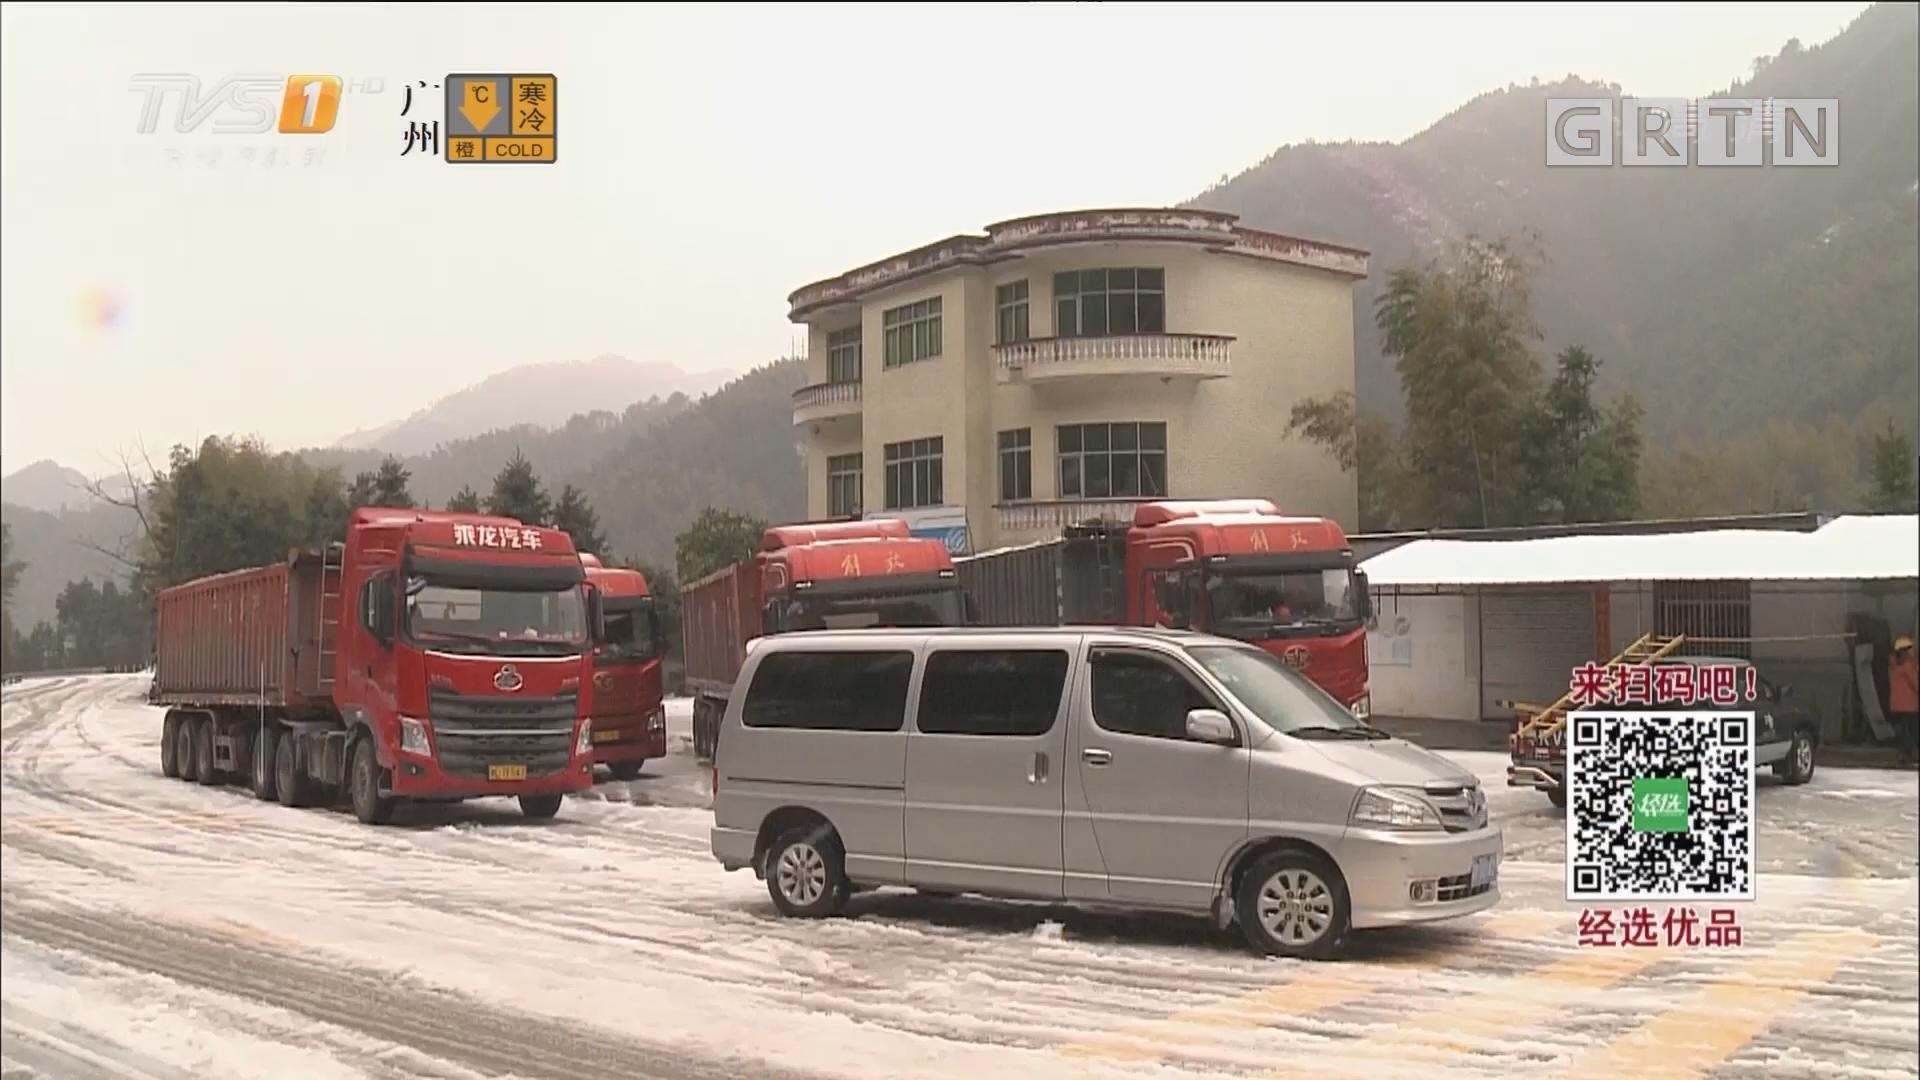 新闻现场:广东下雪了! 直击清远连州大雪